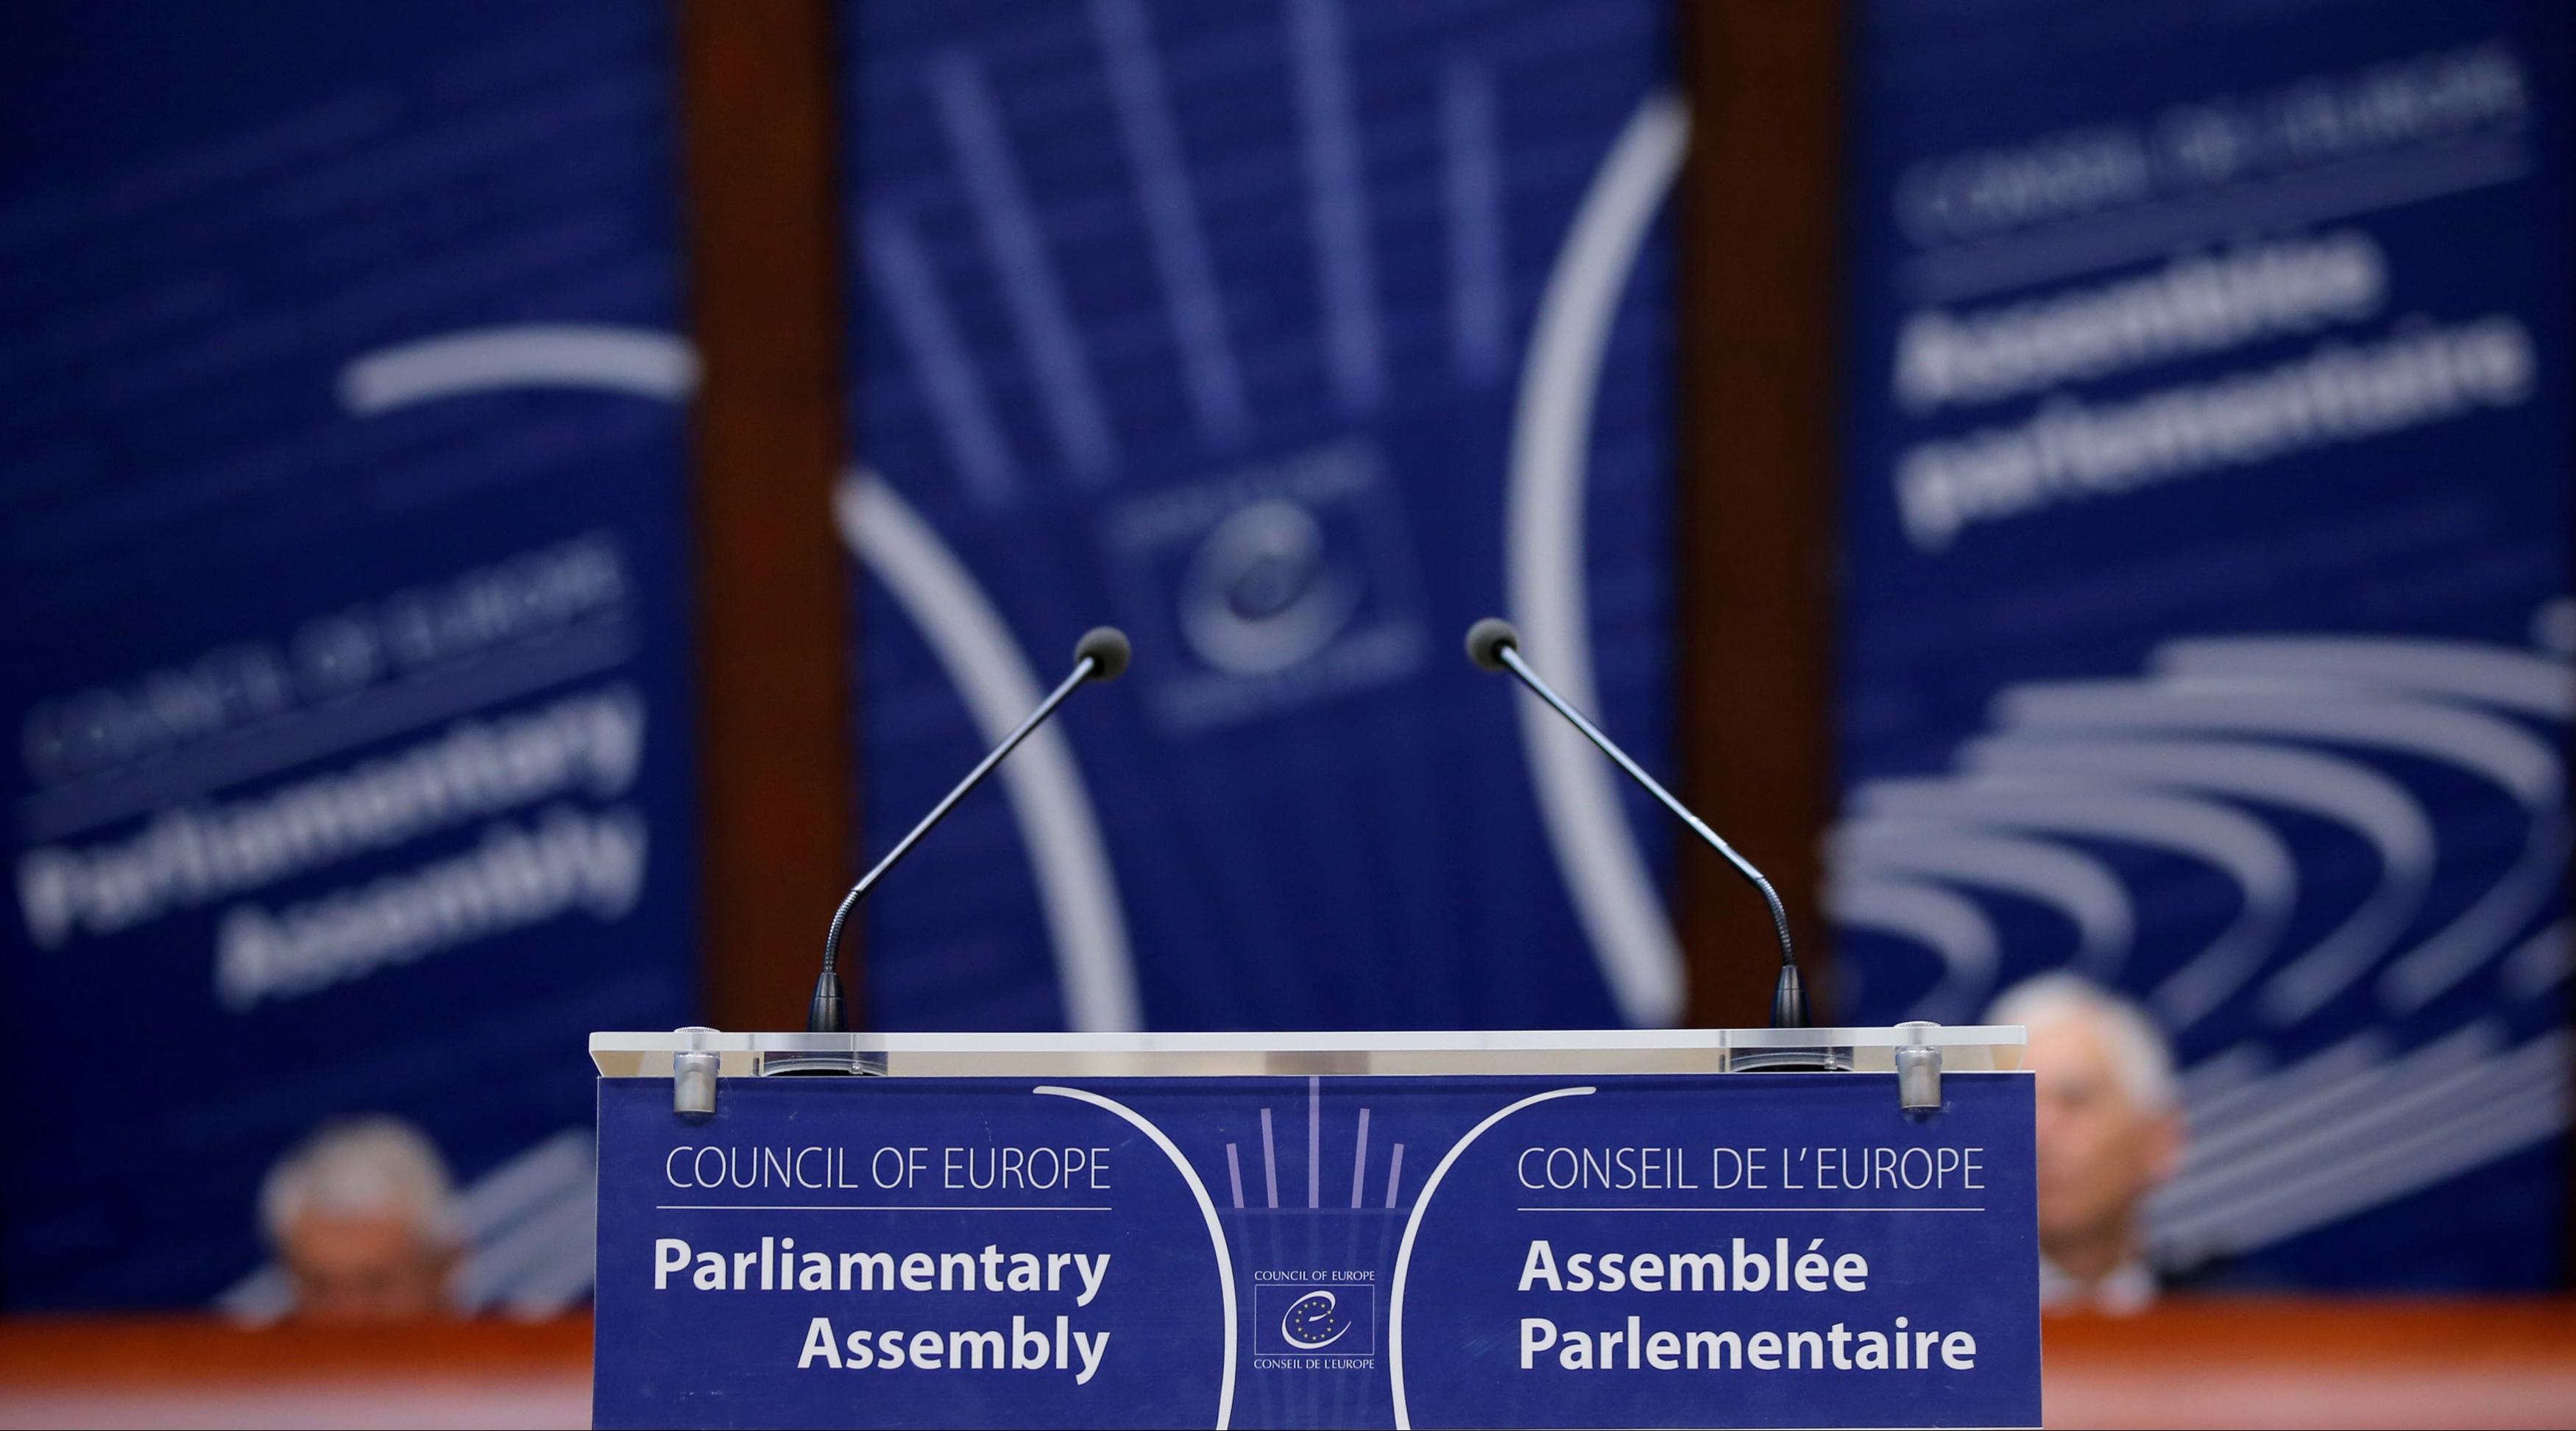 Члены совета европы 16 фотография